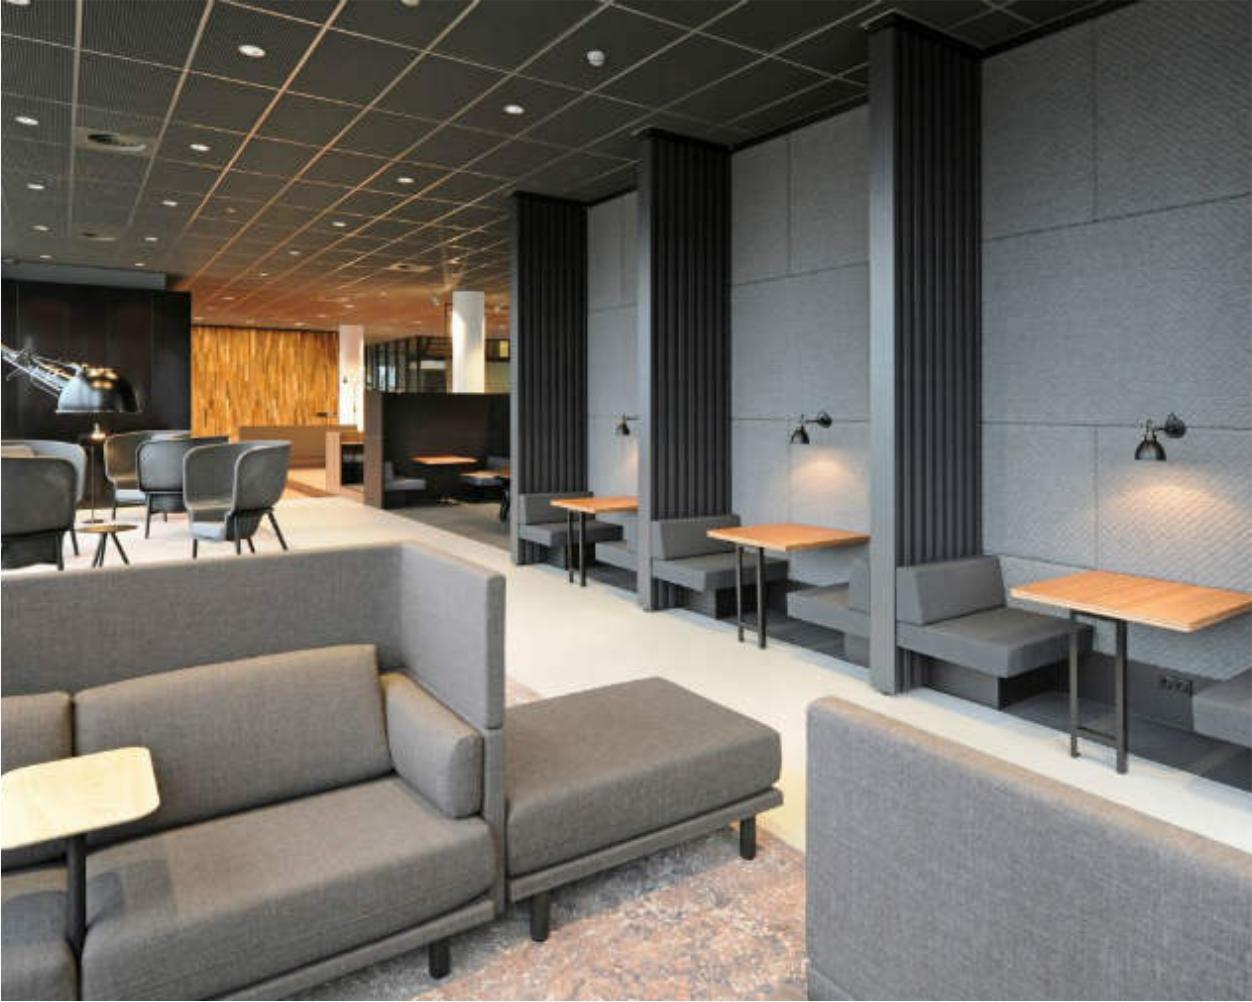 Placări acustice pentru pereți. Design interior exclusivist